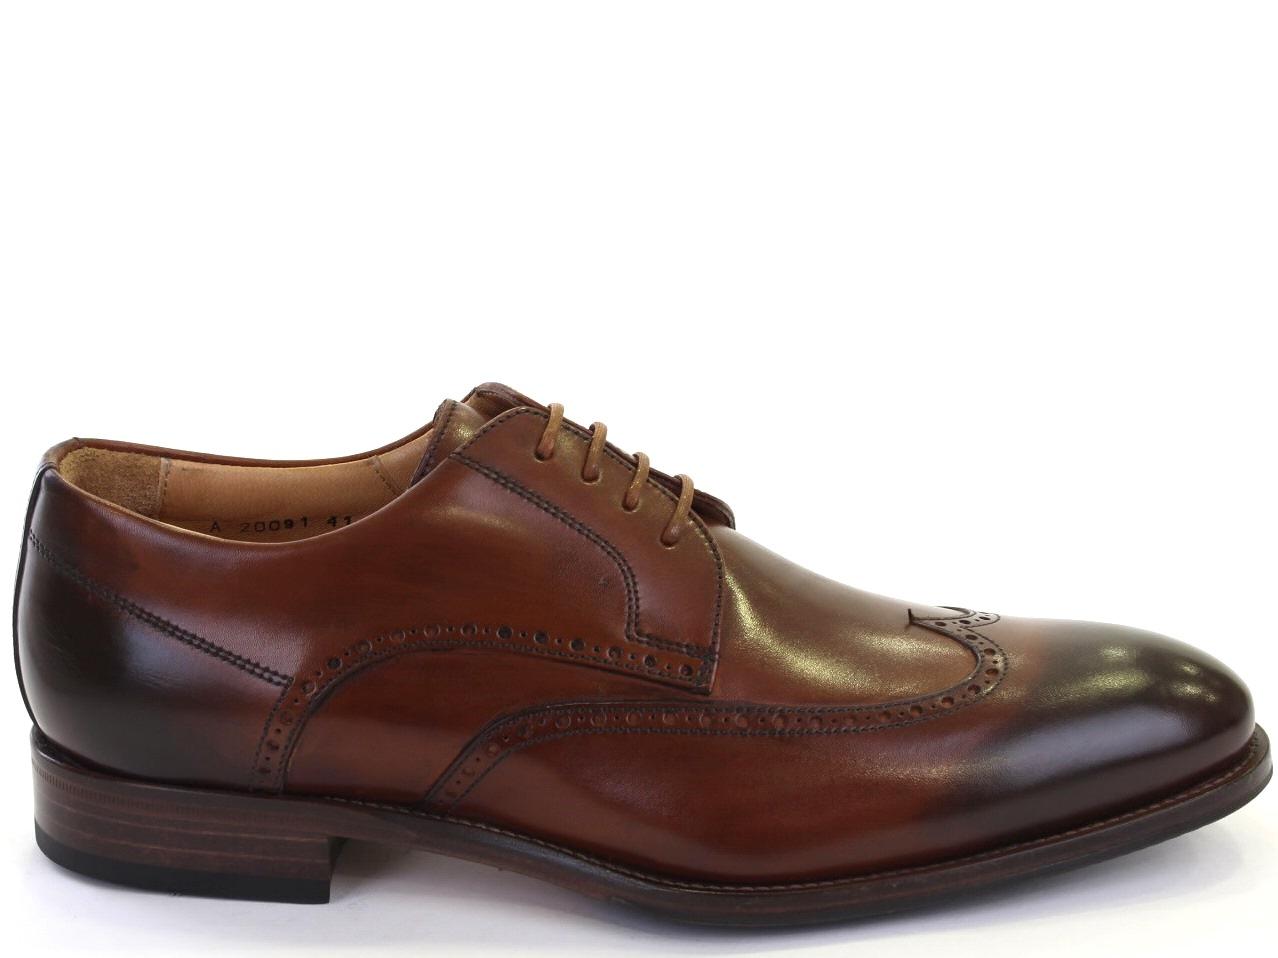 Lace Shoes Armando Silva - 405 A20091